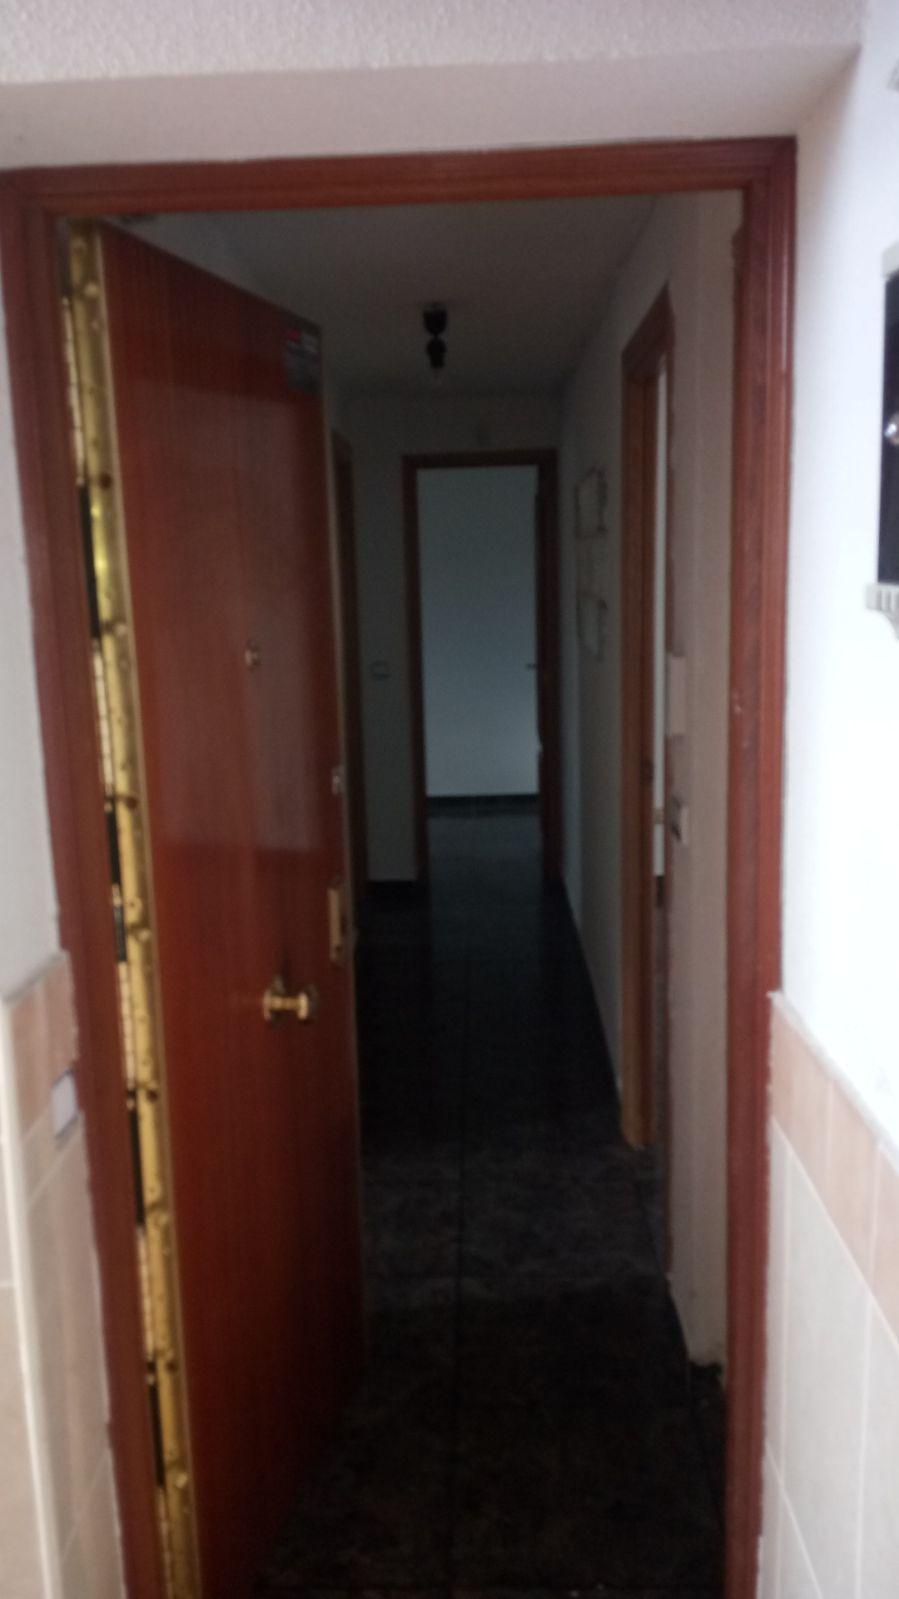 Piso en venta en Azuqueca de Henares, Guadalajara, Calle San Ignacio, 70.000 €, 3 habitaciones, 2 baños, 77 m2